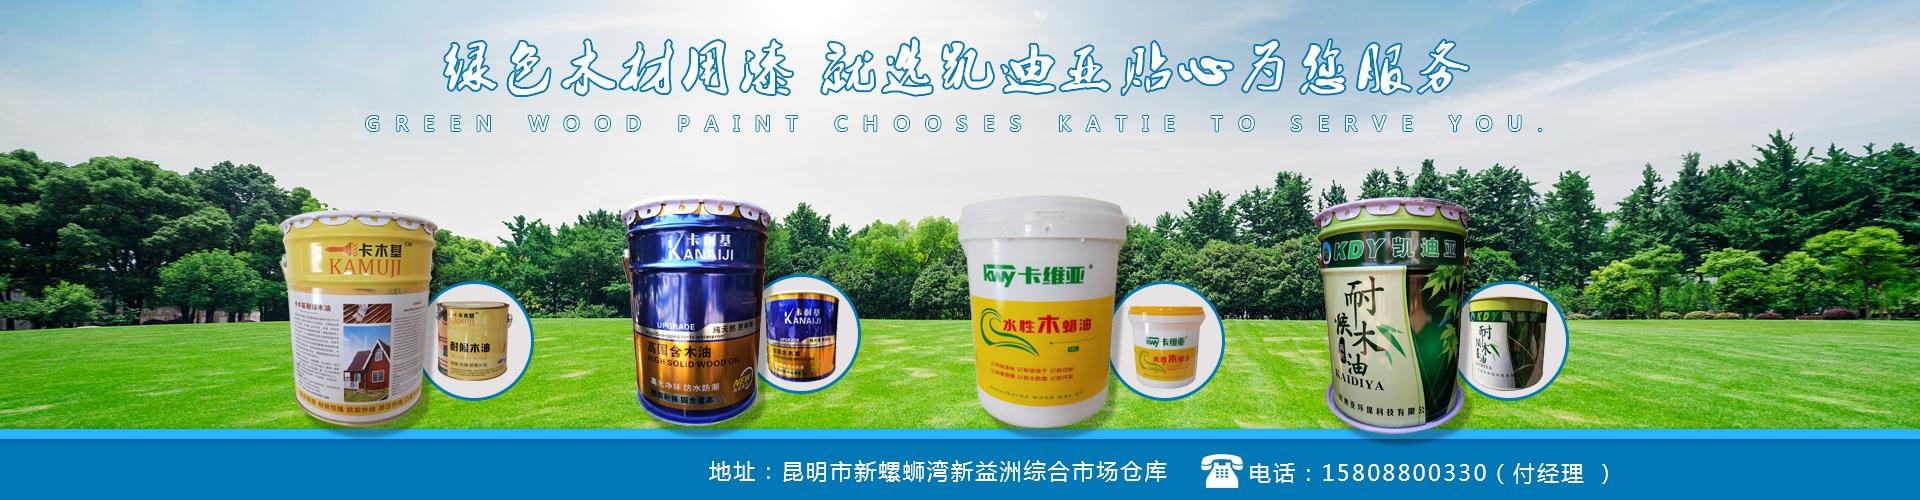 防腐木专用木油